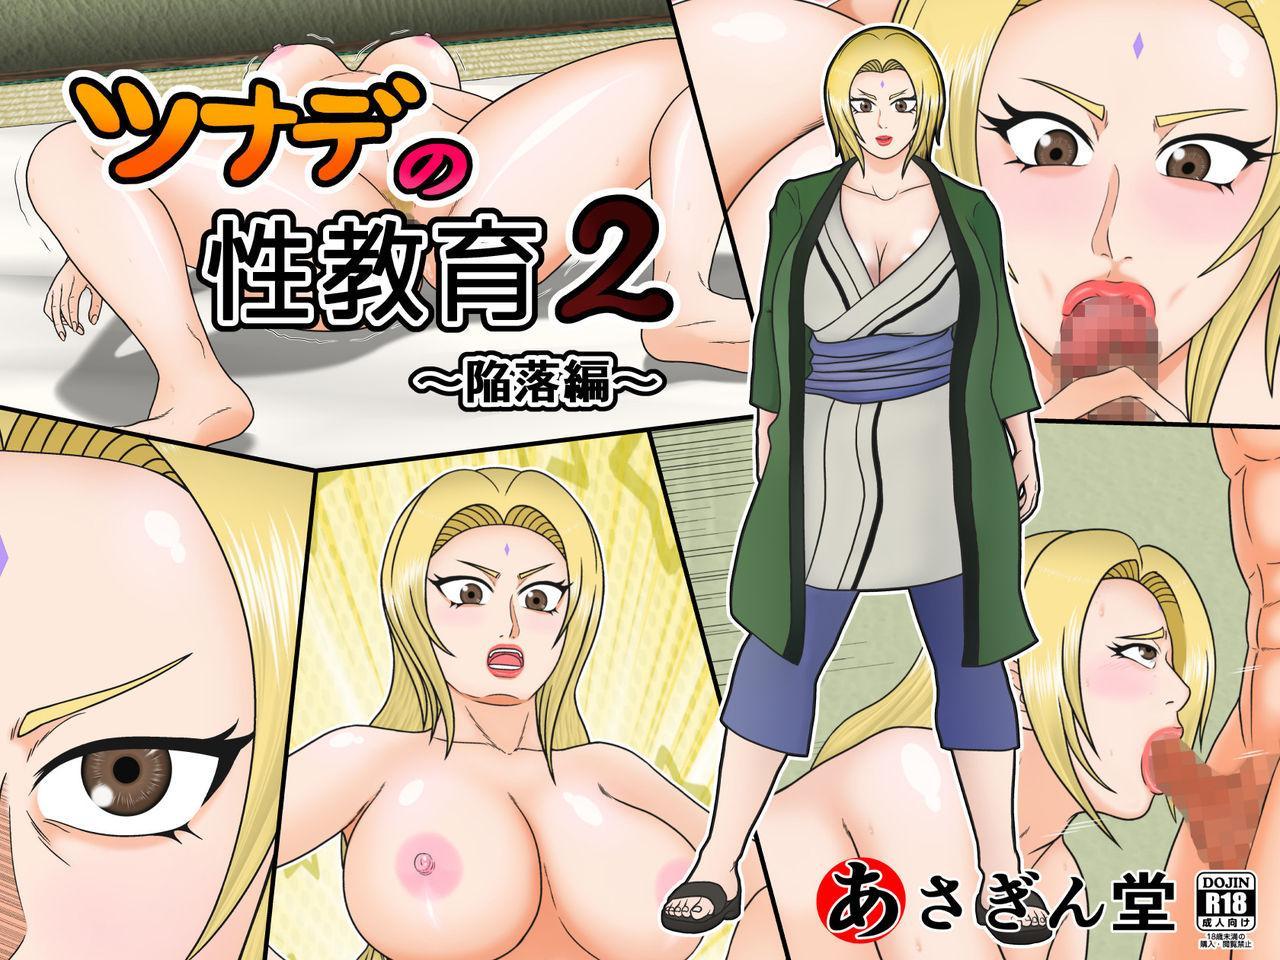 [Asagindo (Asakura Gin)] Tsunade no Seikyouiku 2 ~Kanraku Hen~ | Tsunade's Sex Education 2 ~Surrender Edition~ (Naruto) [English] {Doujins.com} 0